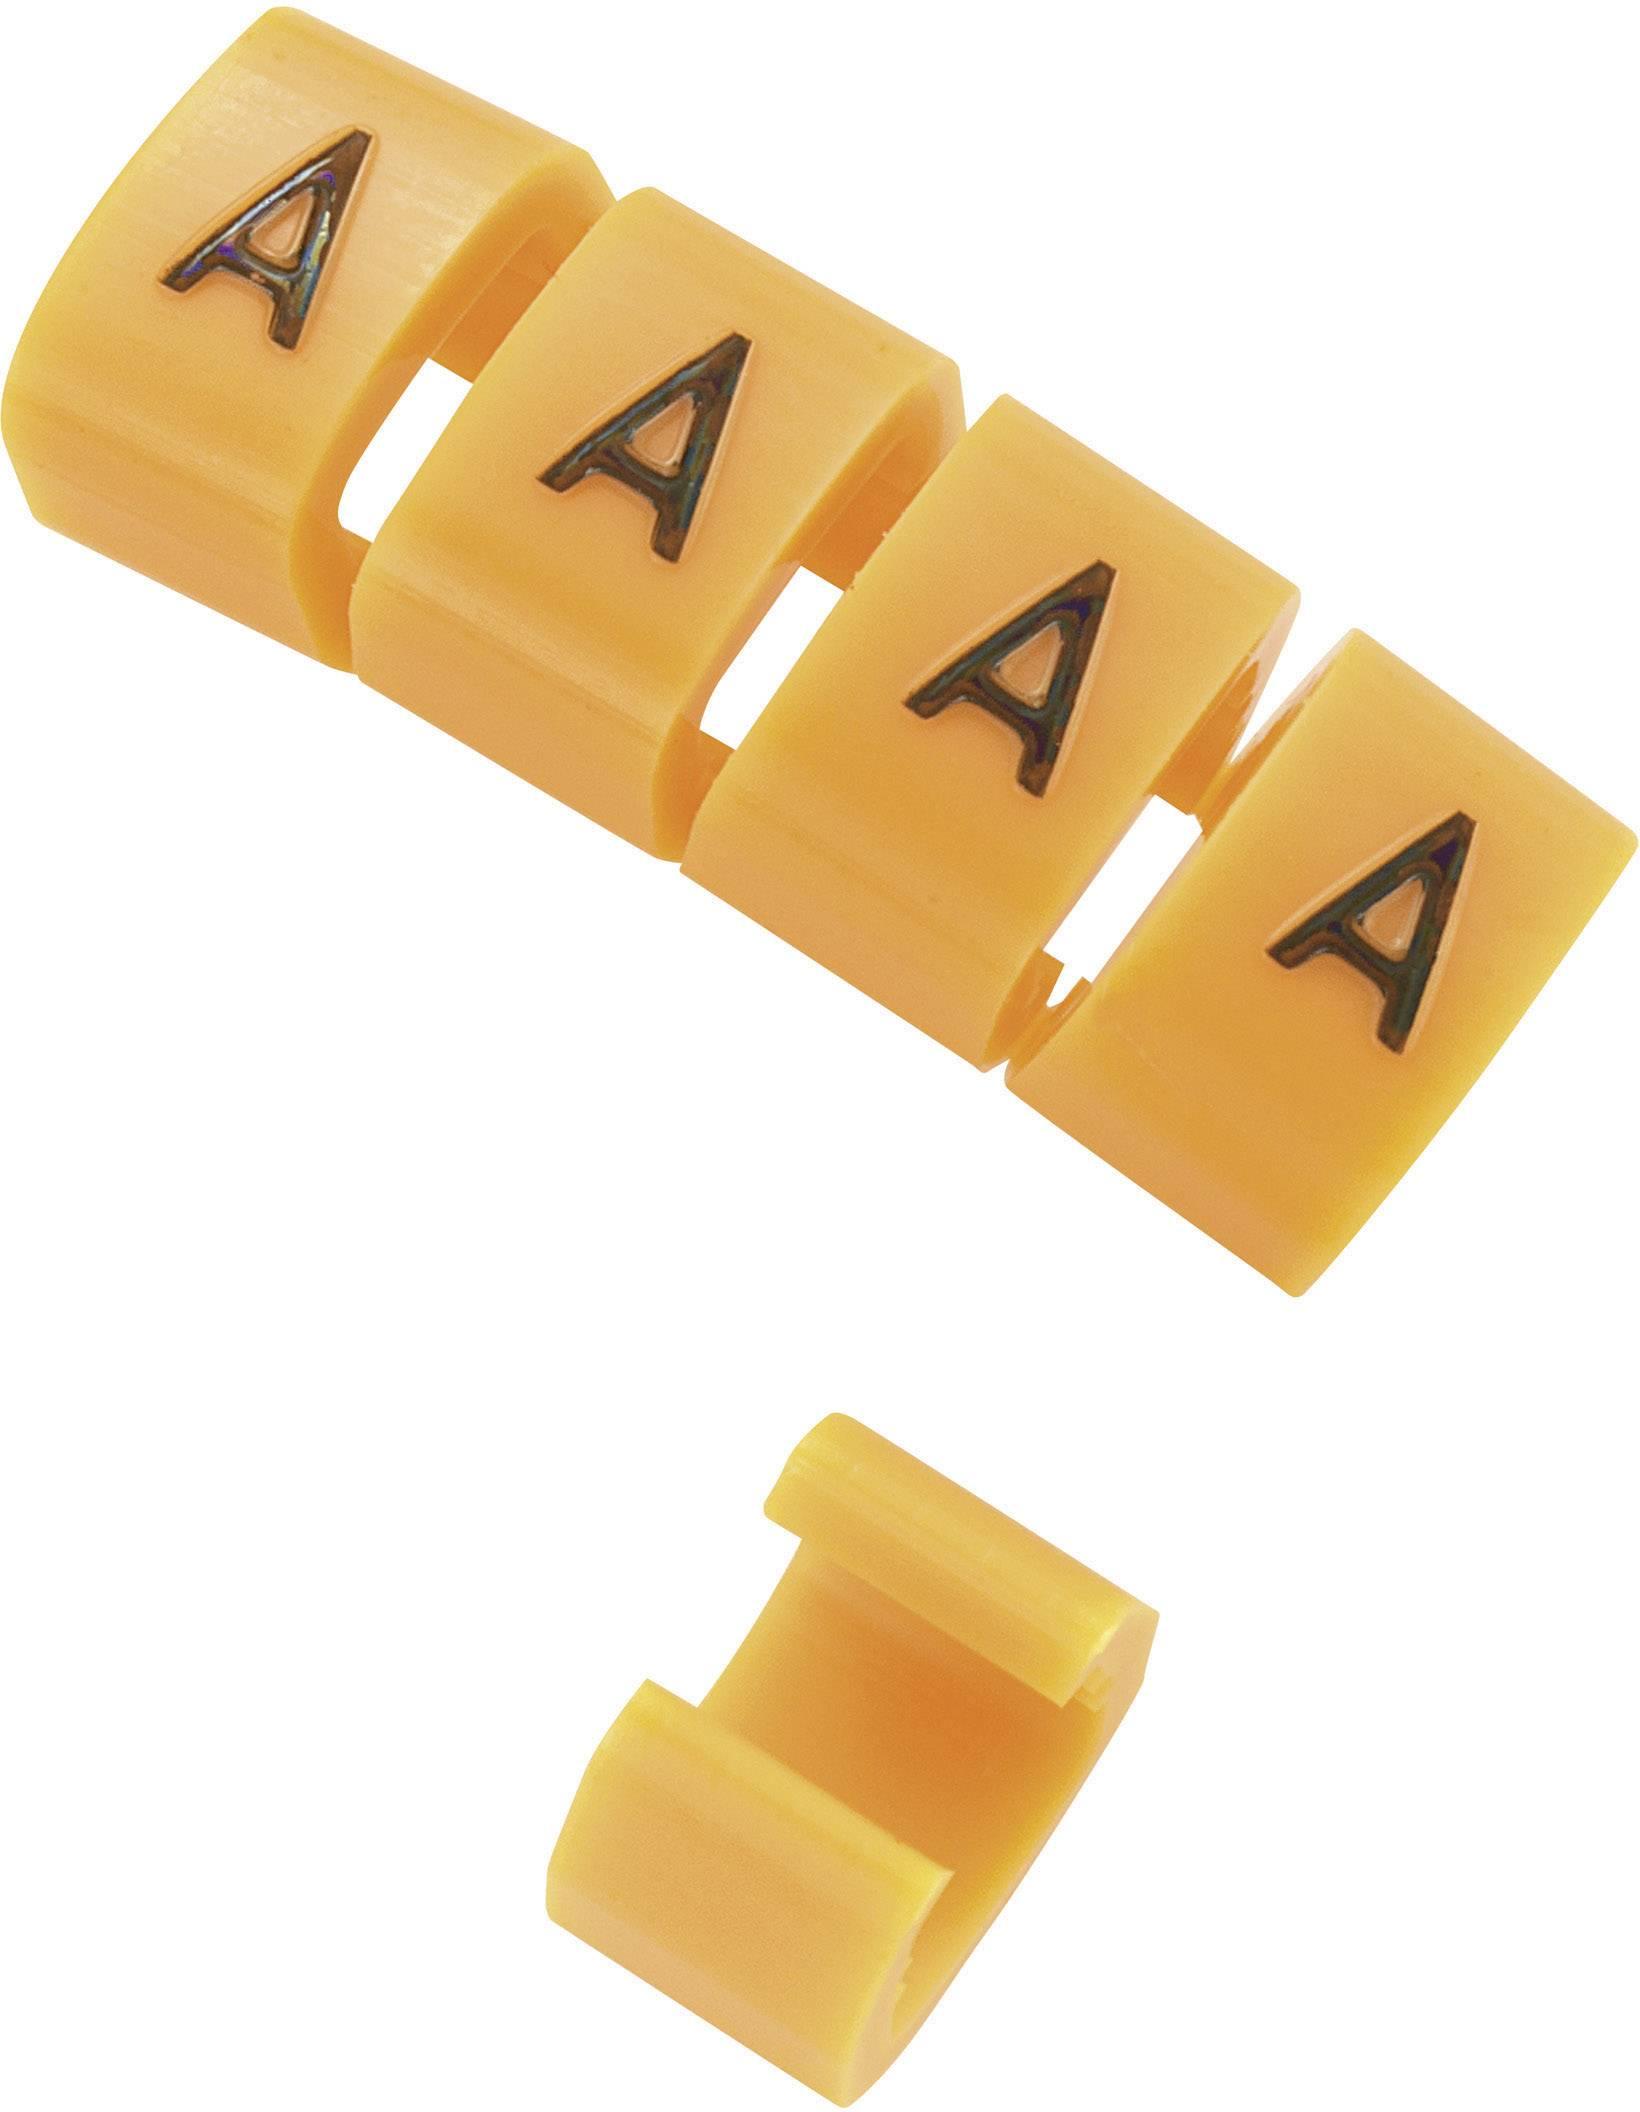 Označovacie objímka na káble KSS MB1/B, oranžová, 10 ks